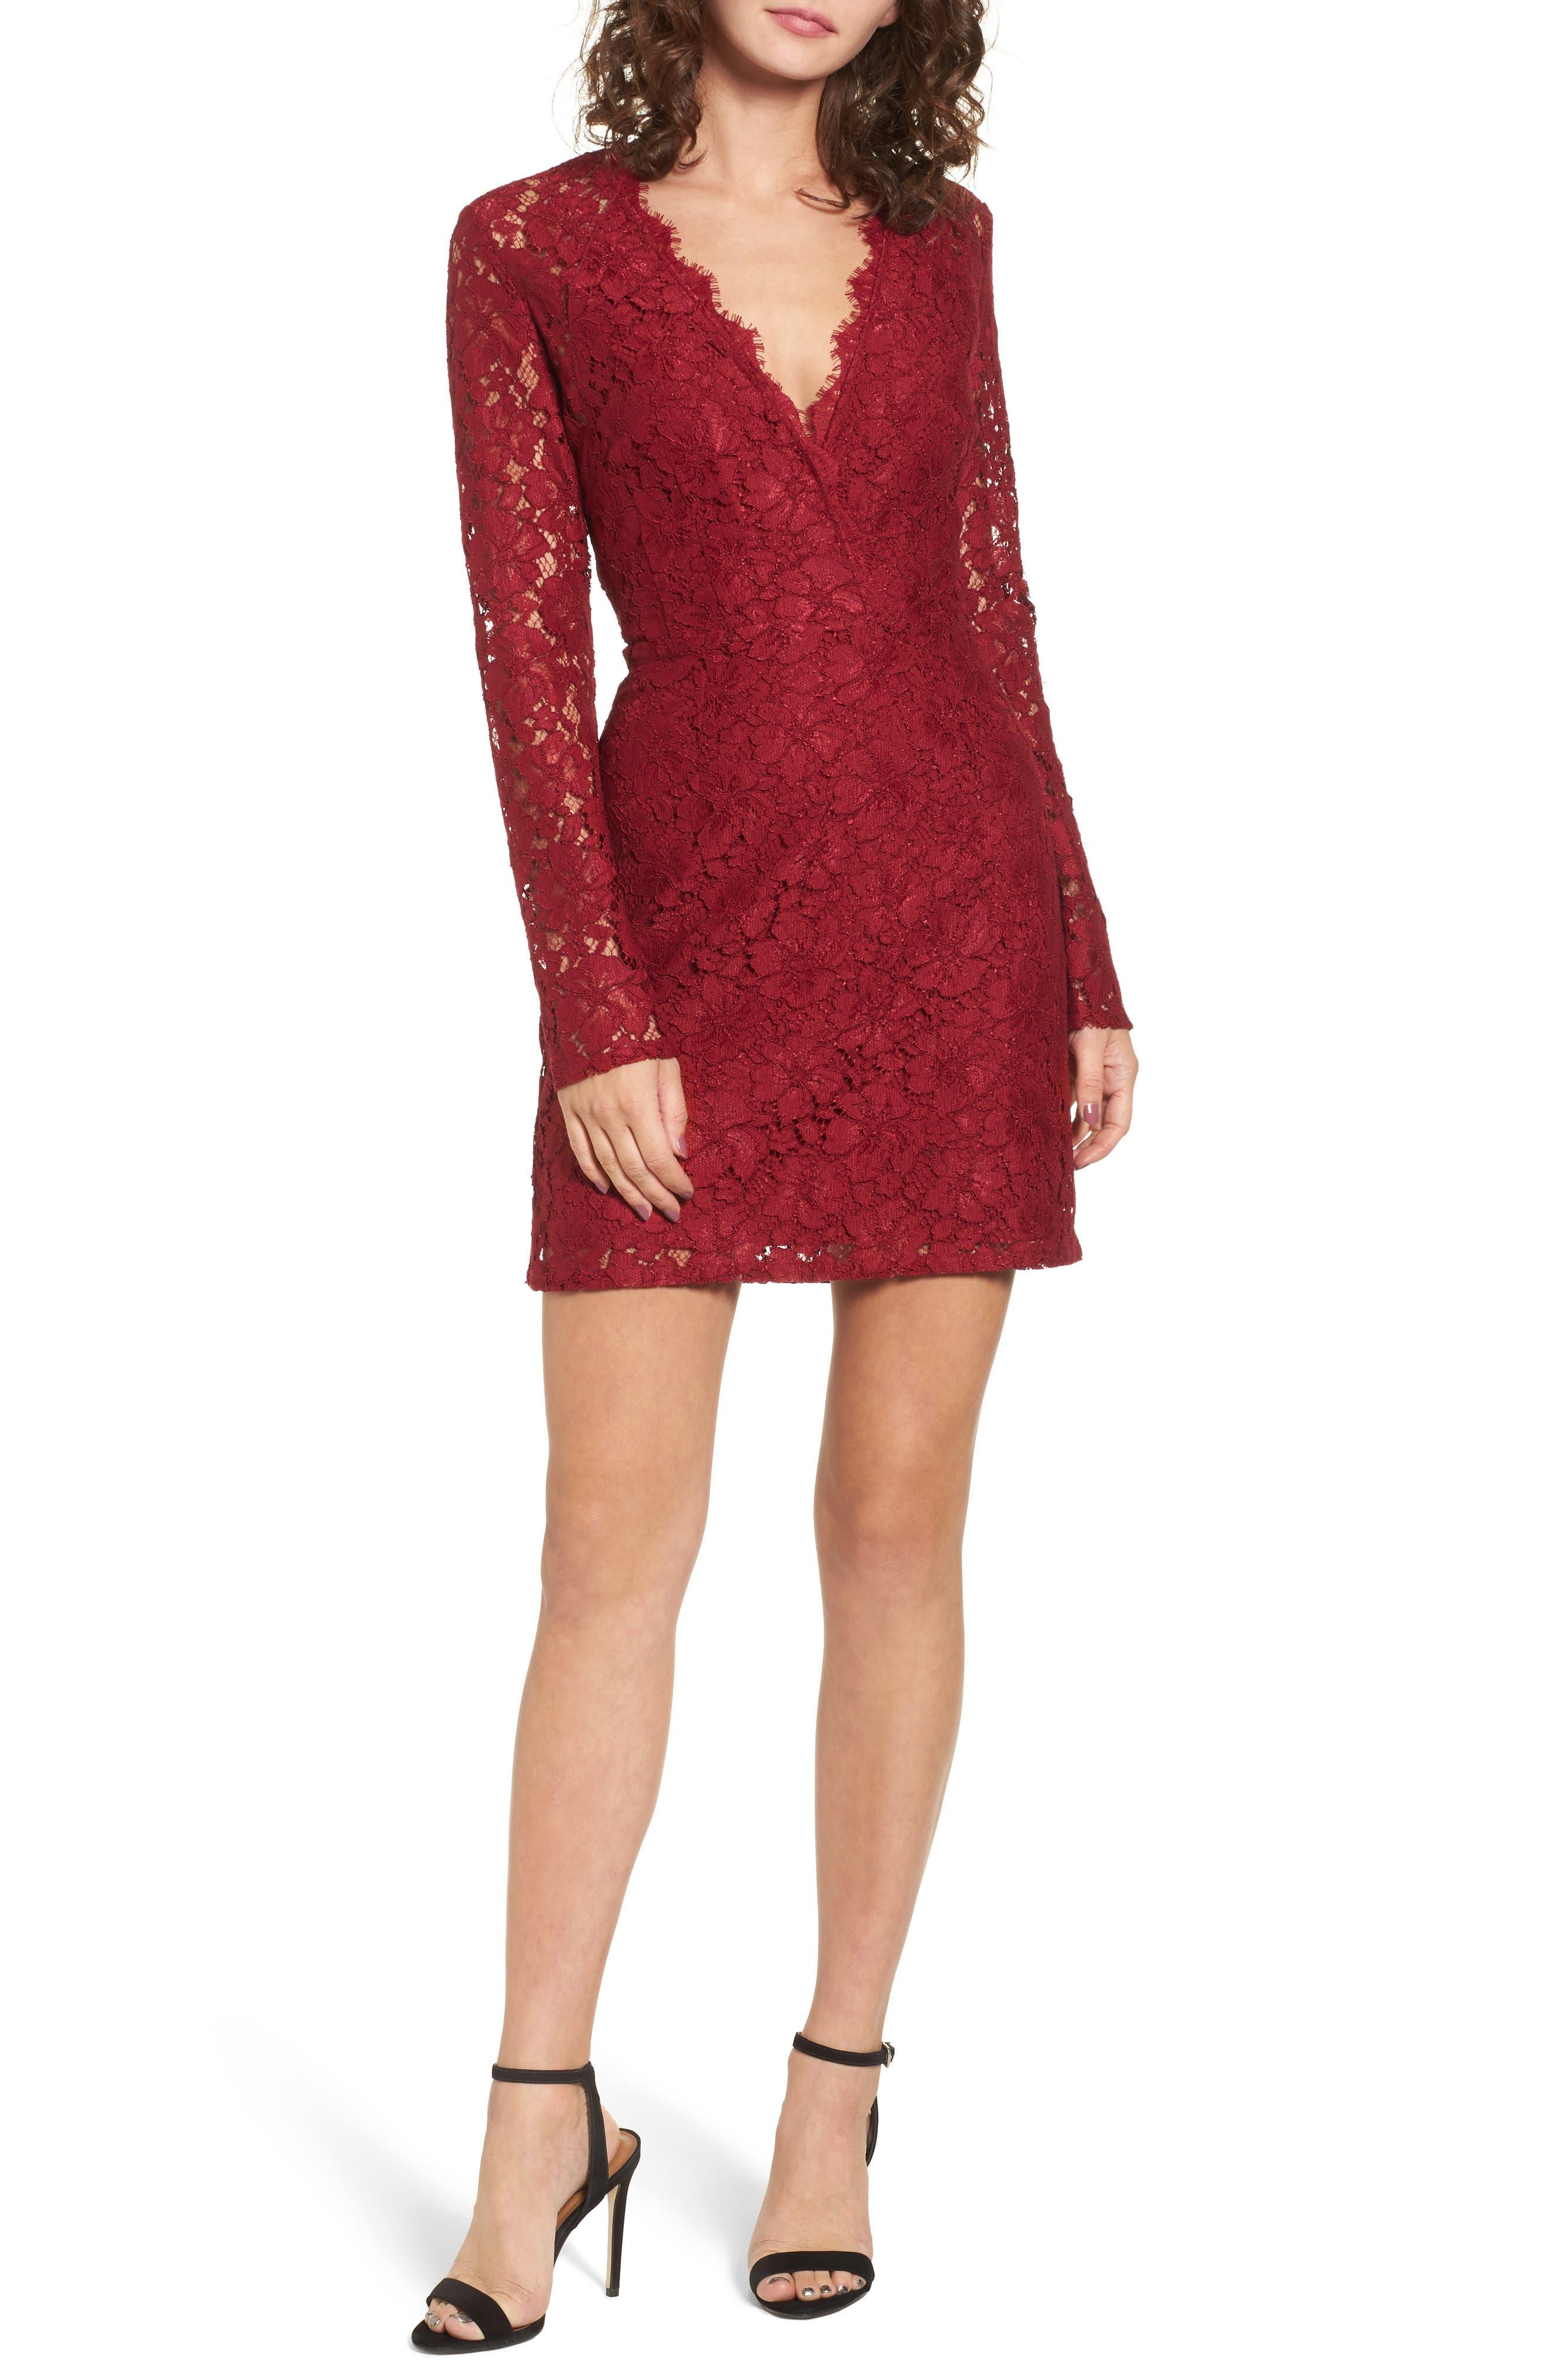 Say It Out Loud Lace Dress,                             Main thumbnail 2, color,